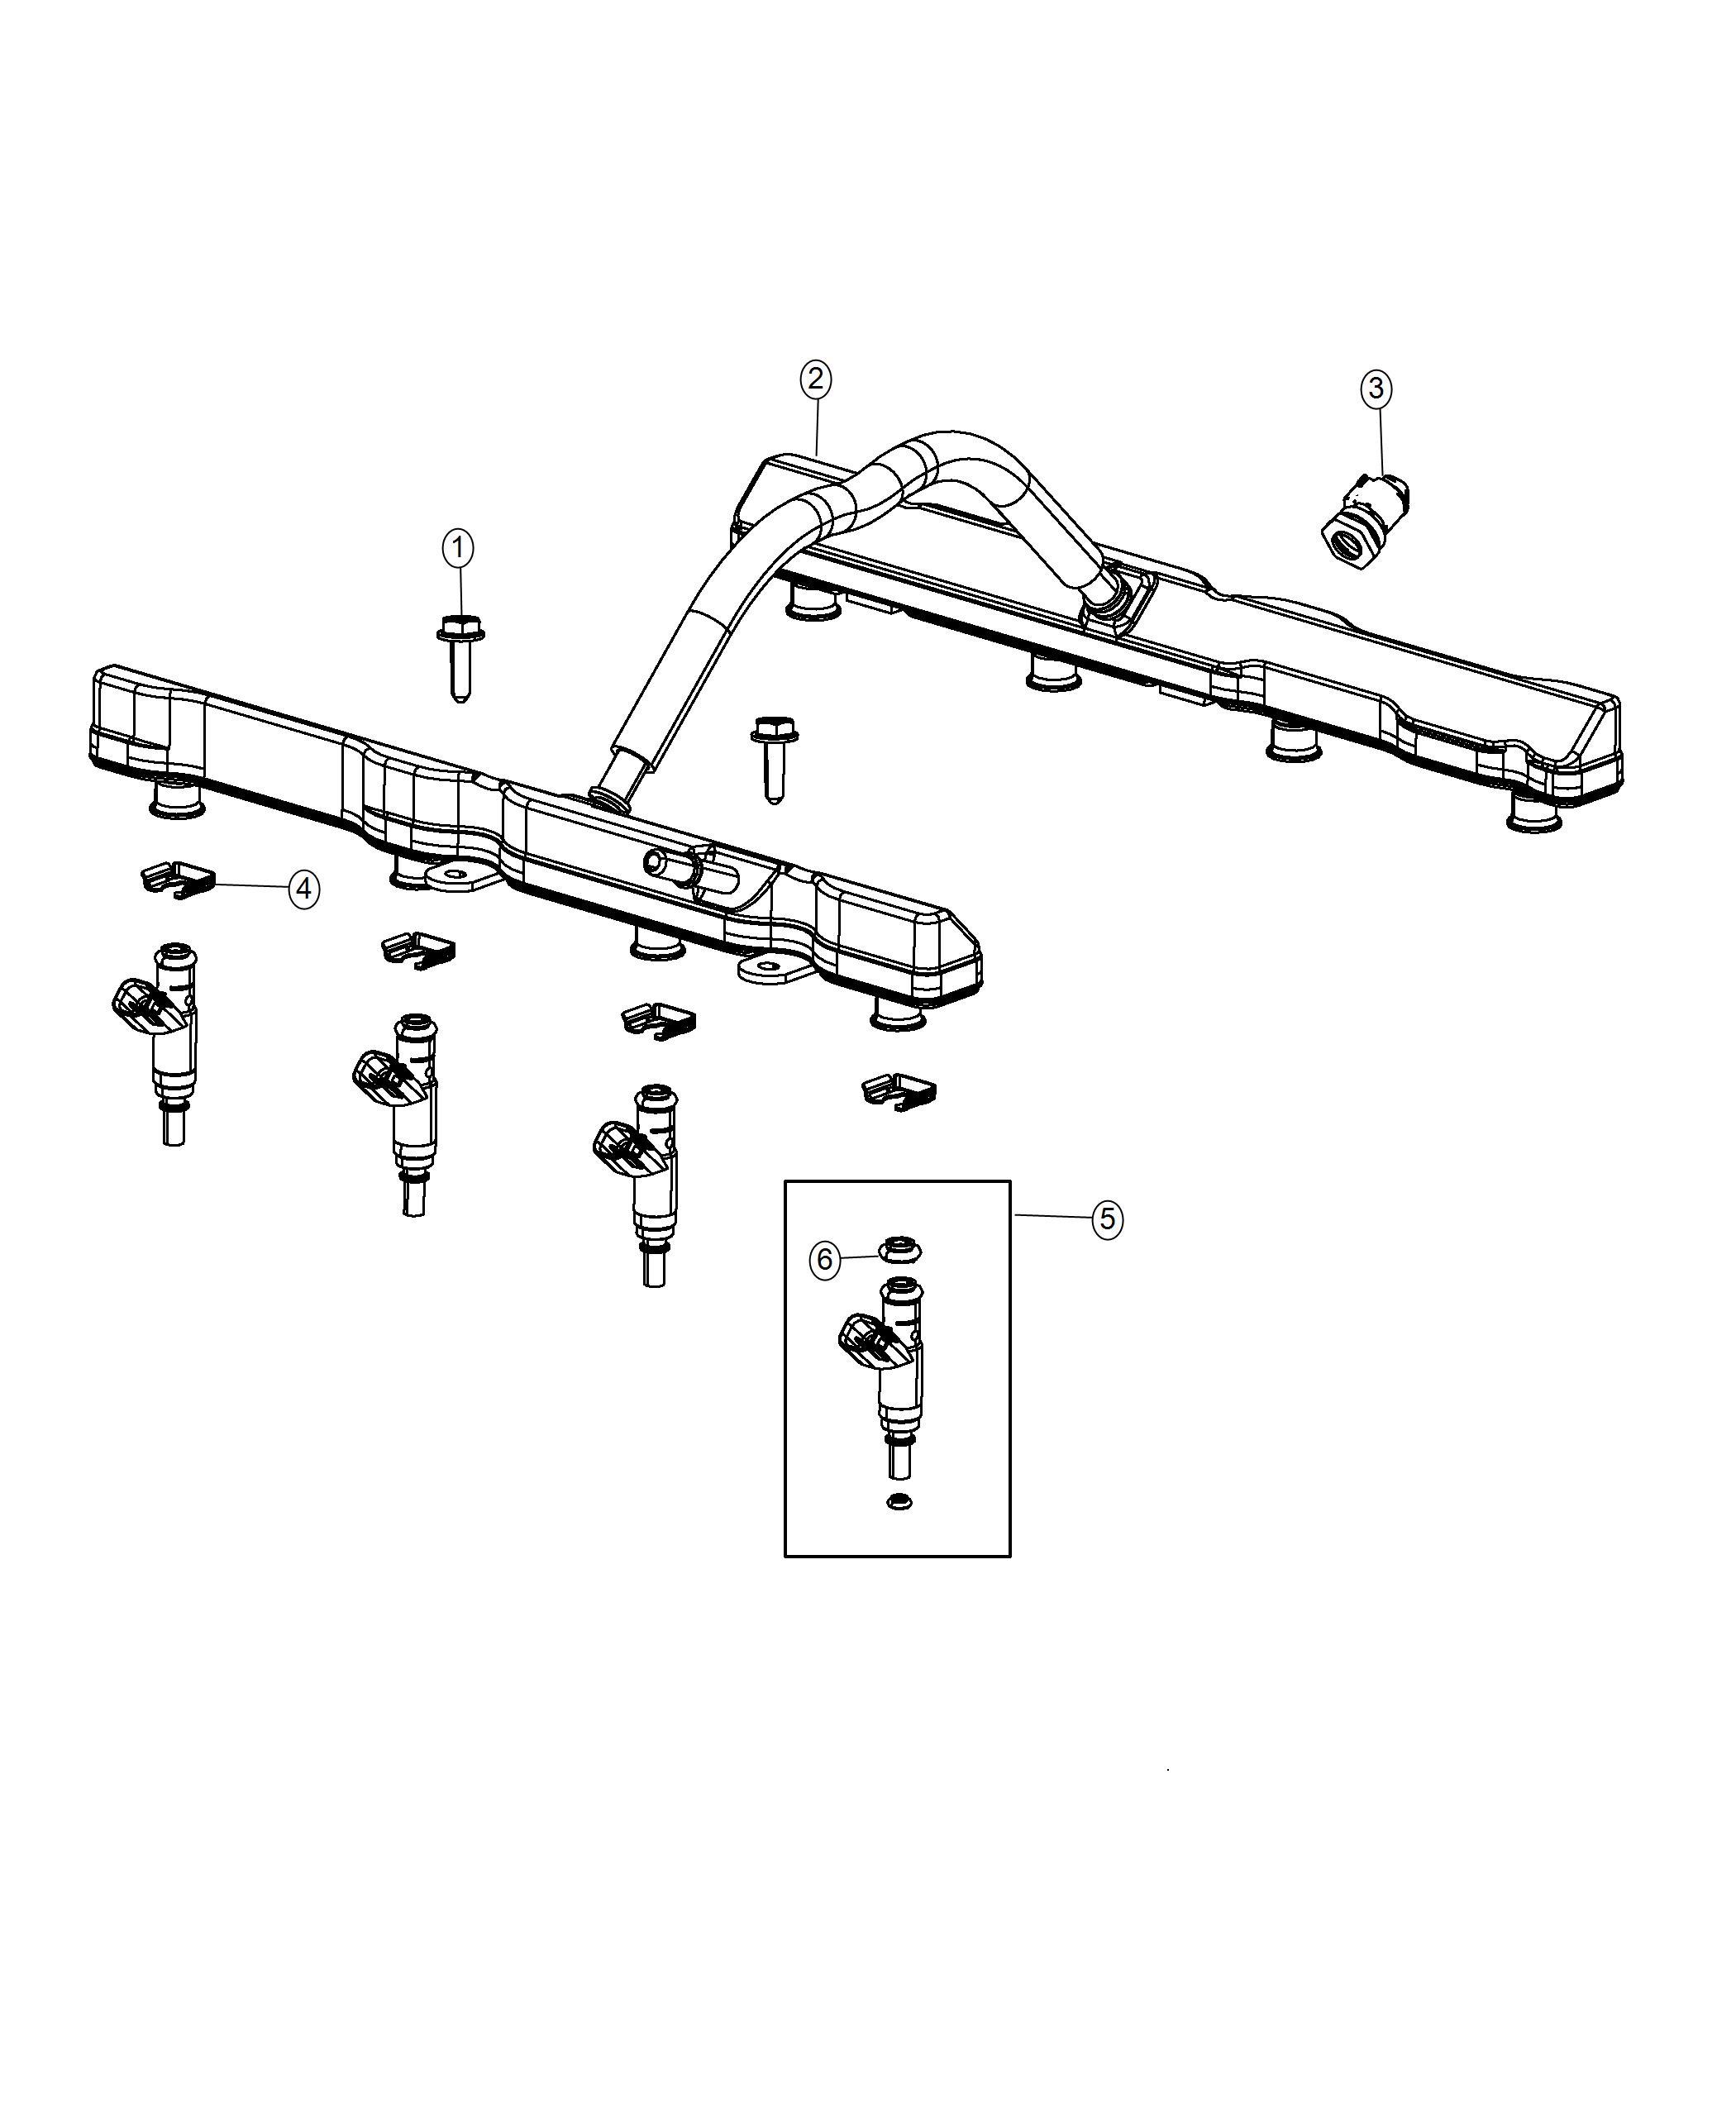 Ram Injector Fuel